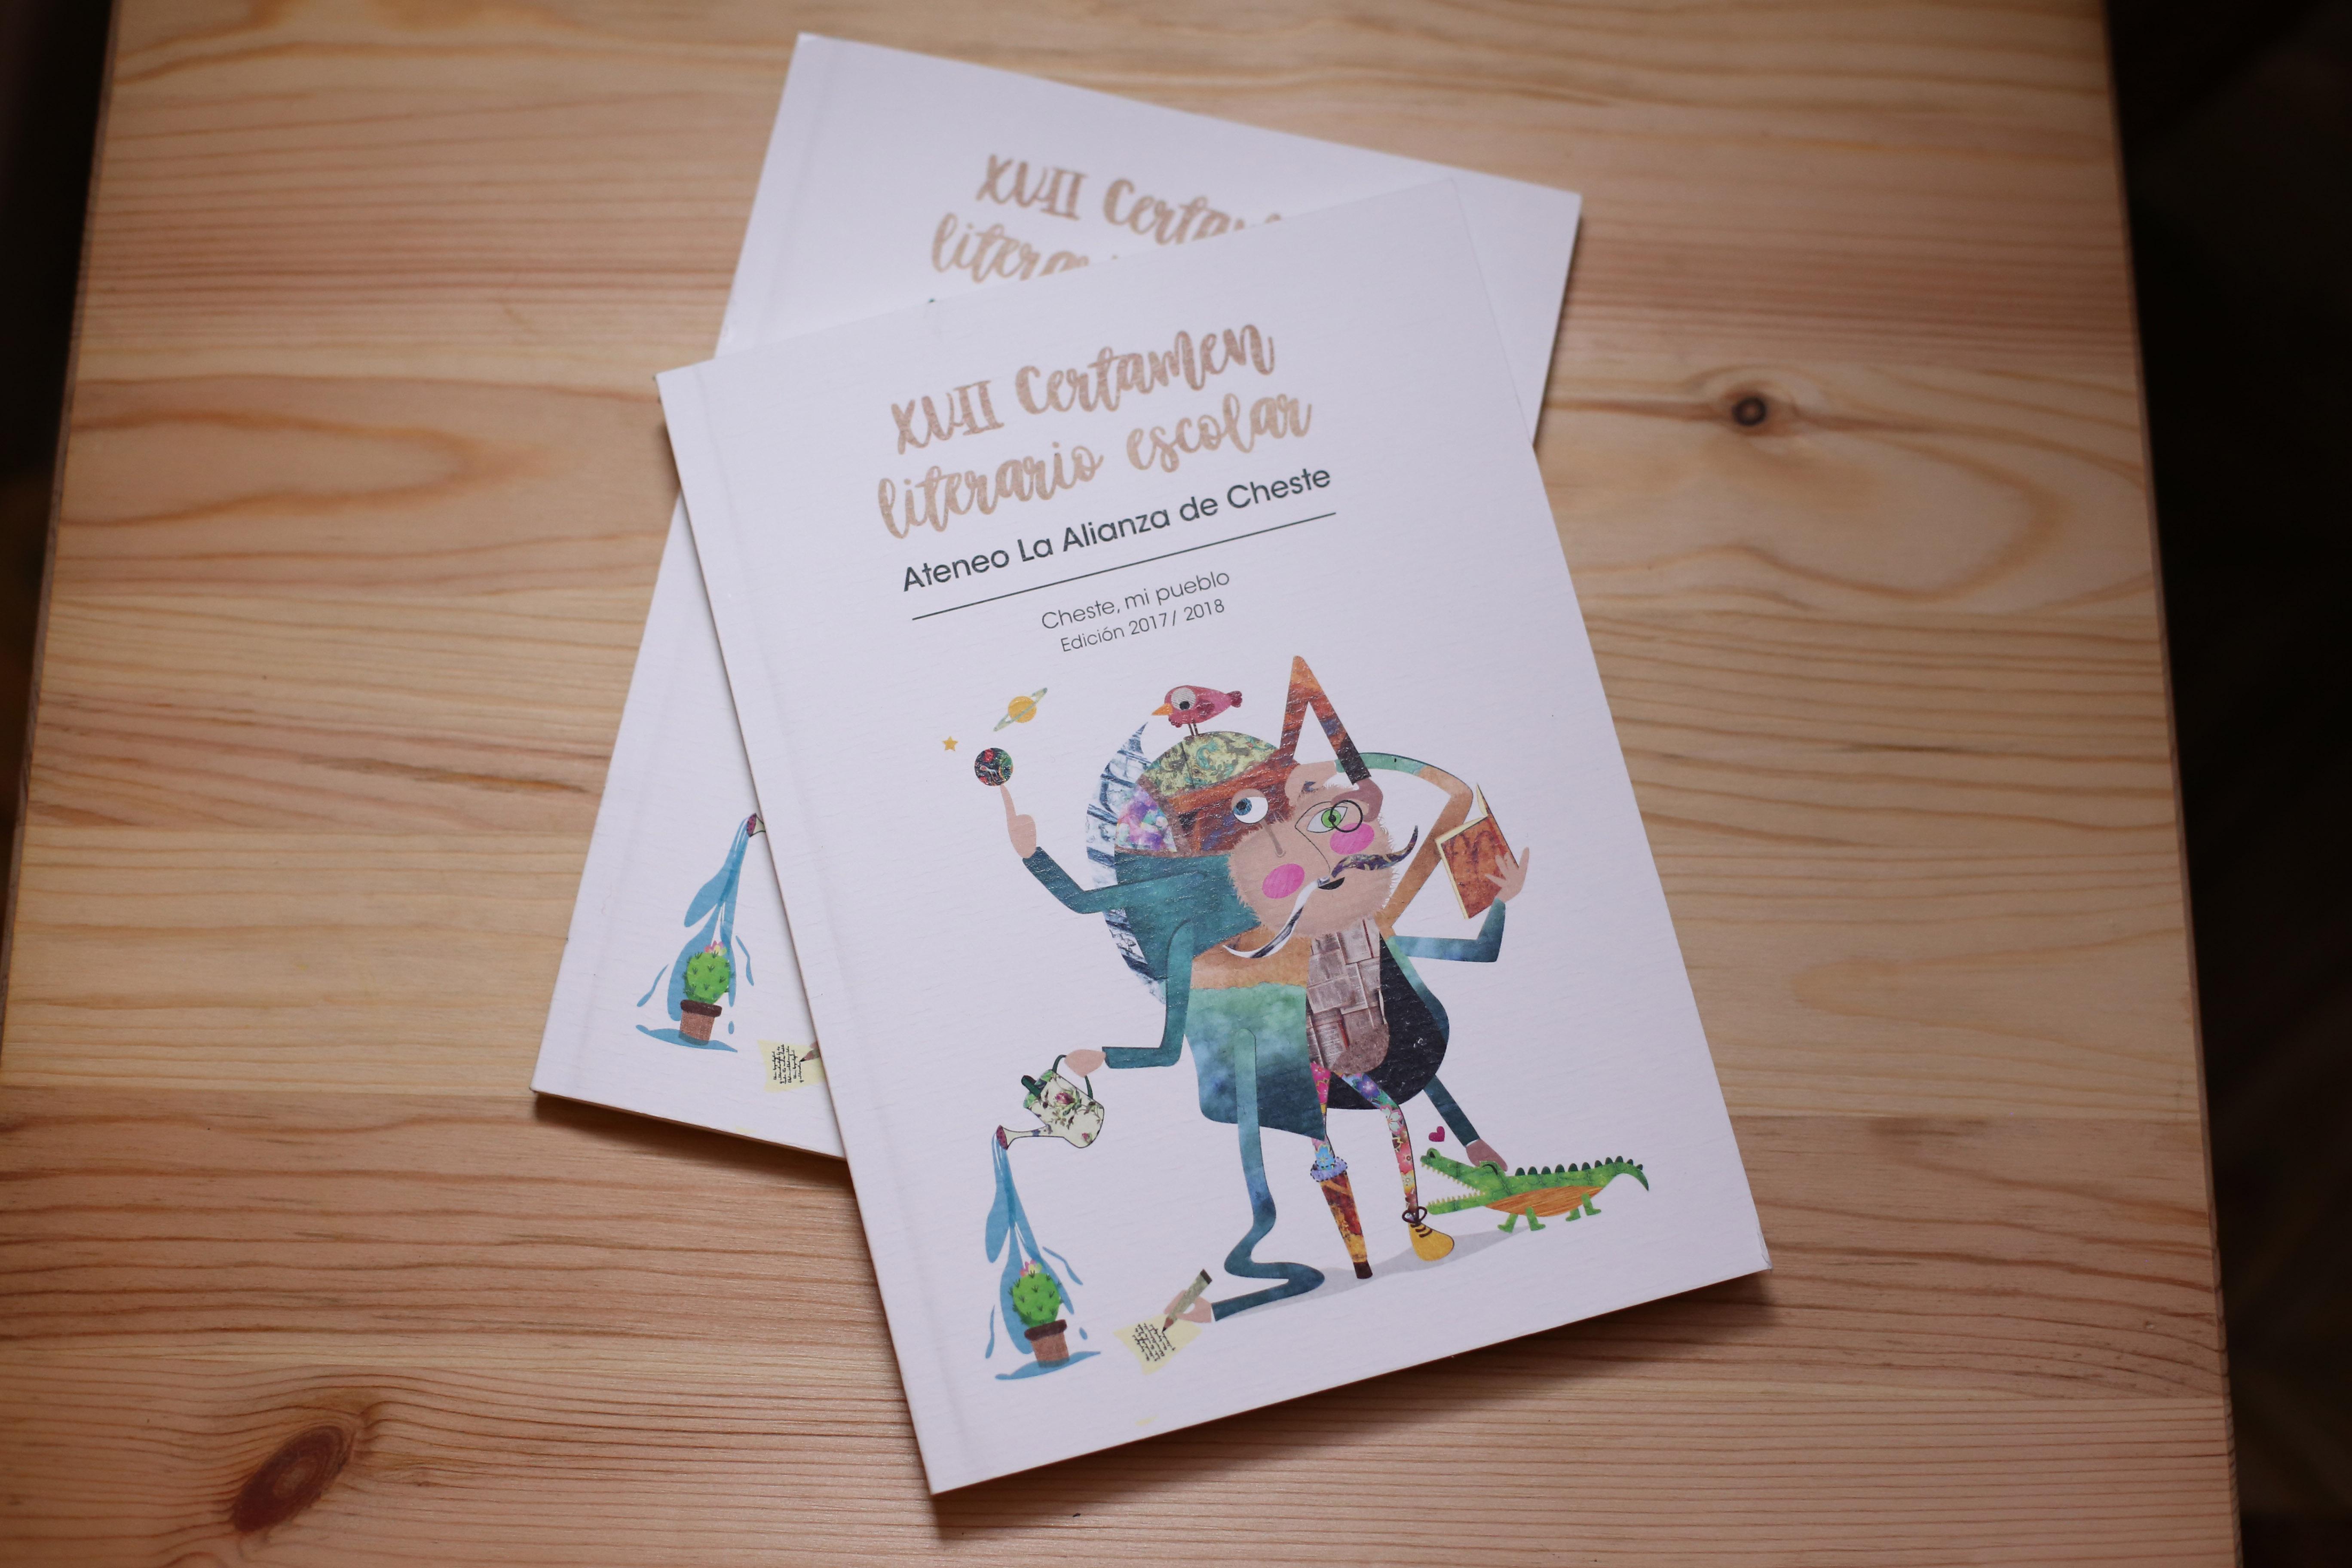 XVIII Certamen Literario Ateneo 2019.